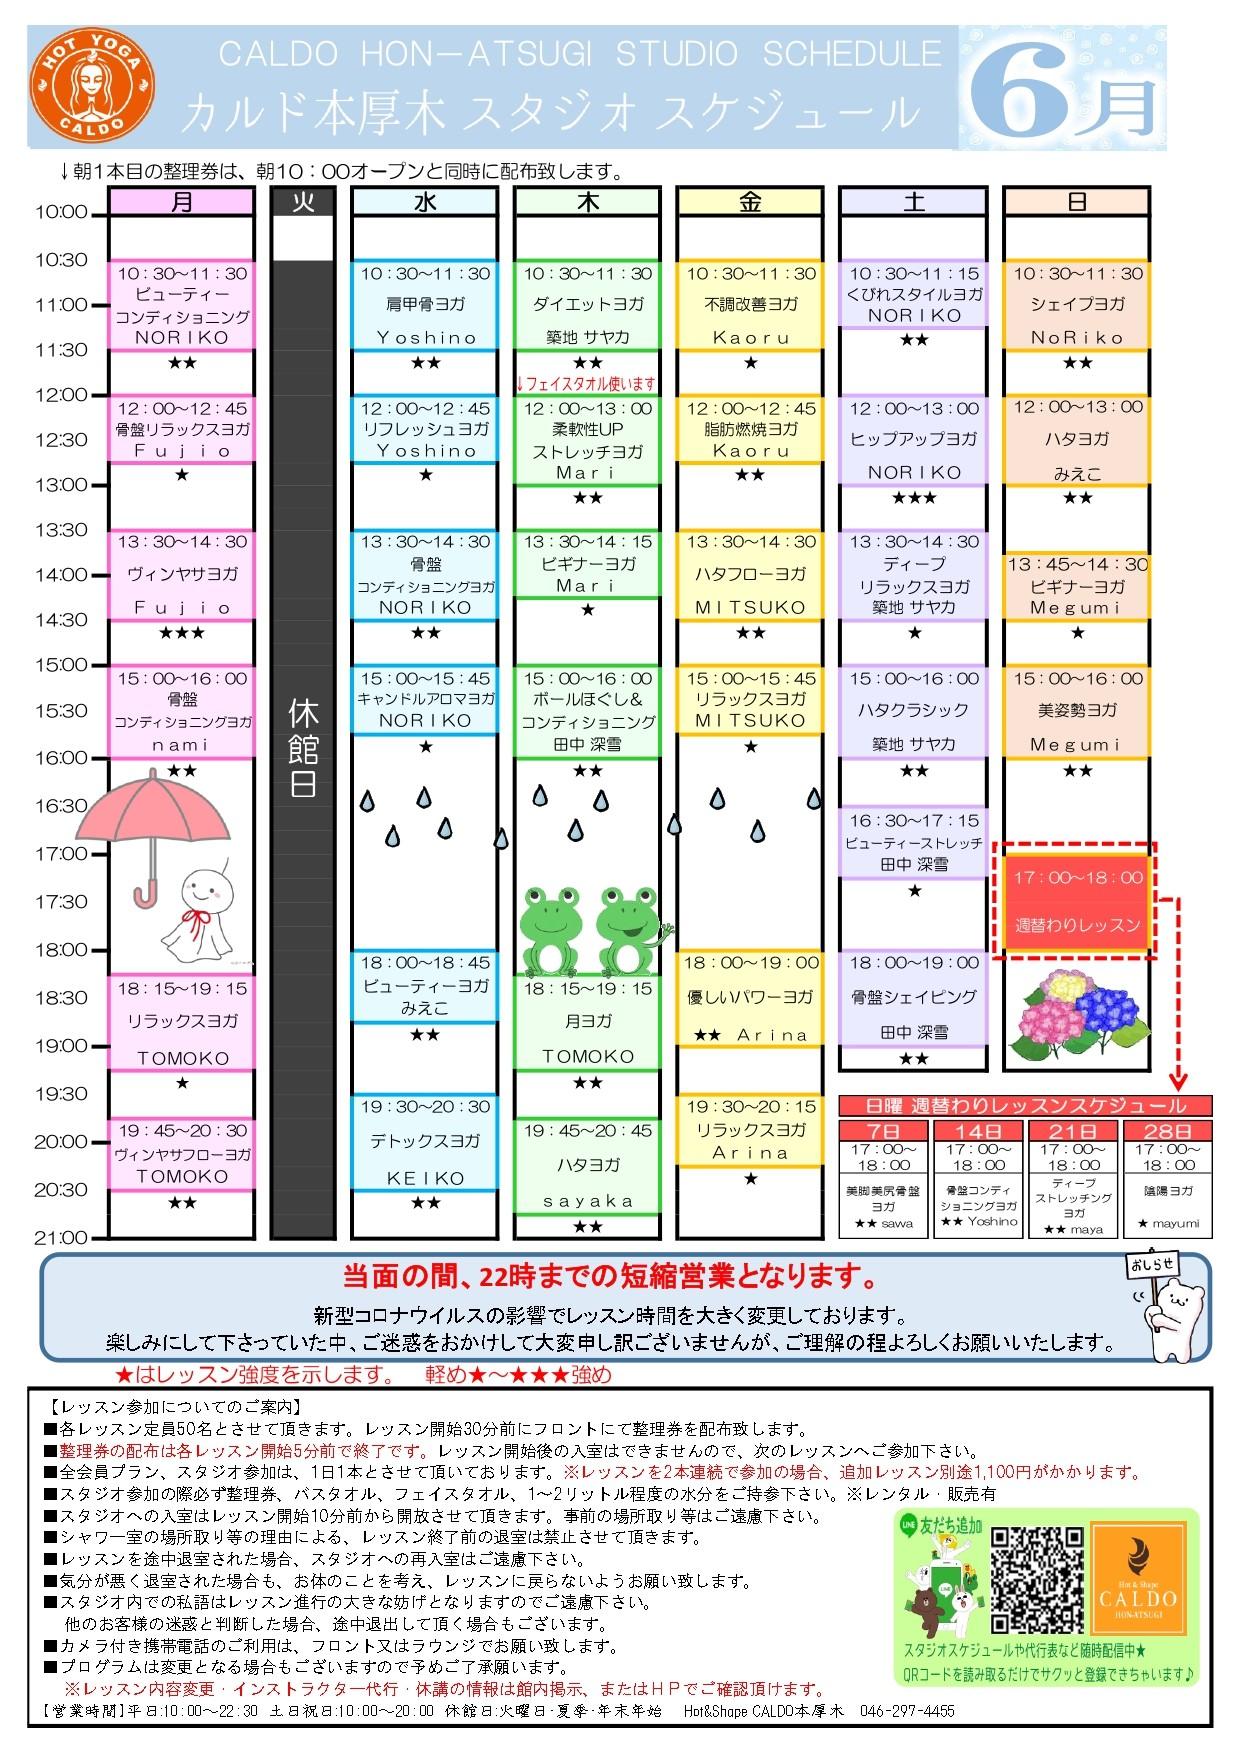 スタジオ【週替わり】2020.6月(22時までの短縮営業)_page-0001